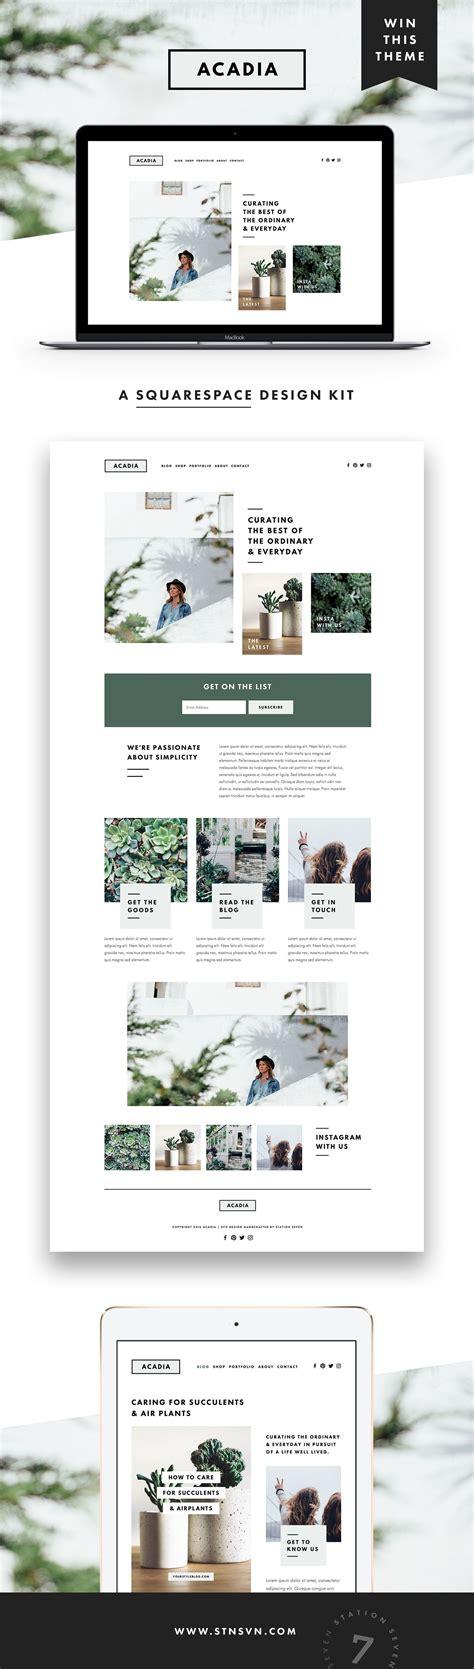 acadia squarespace kit site design